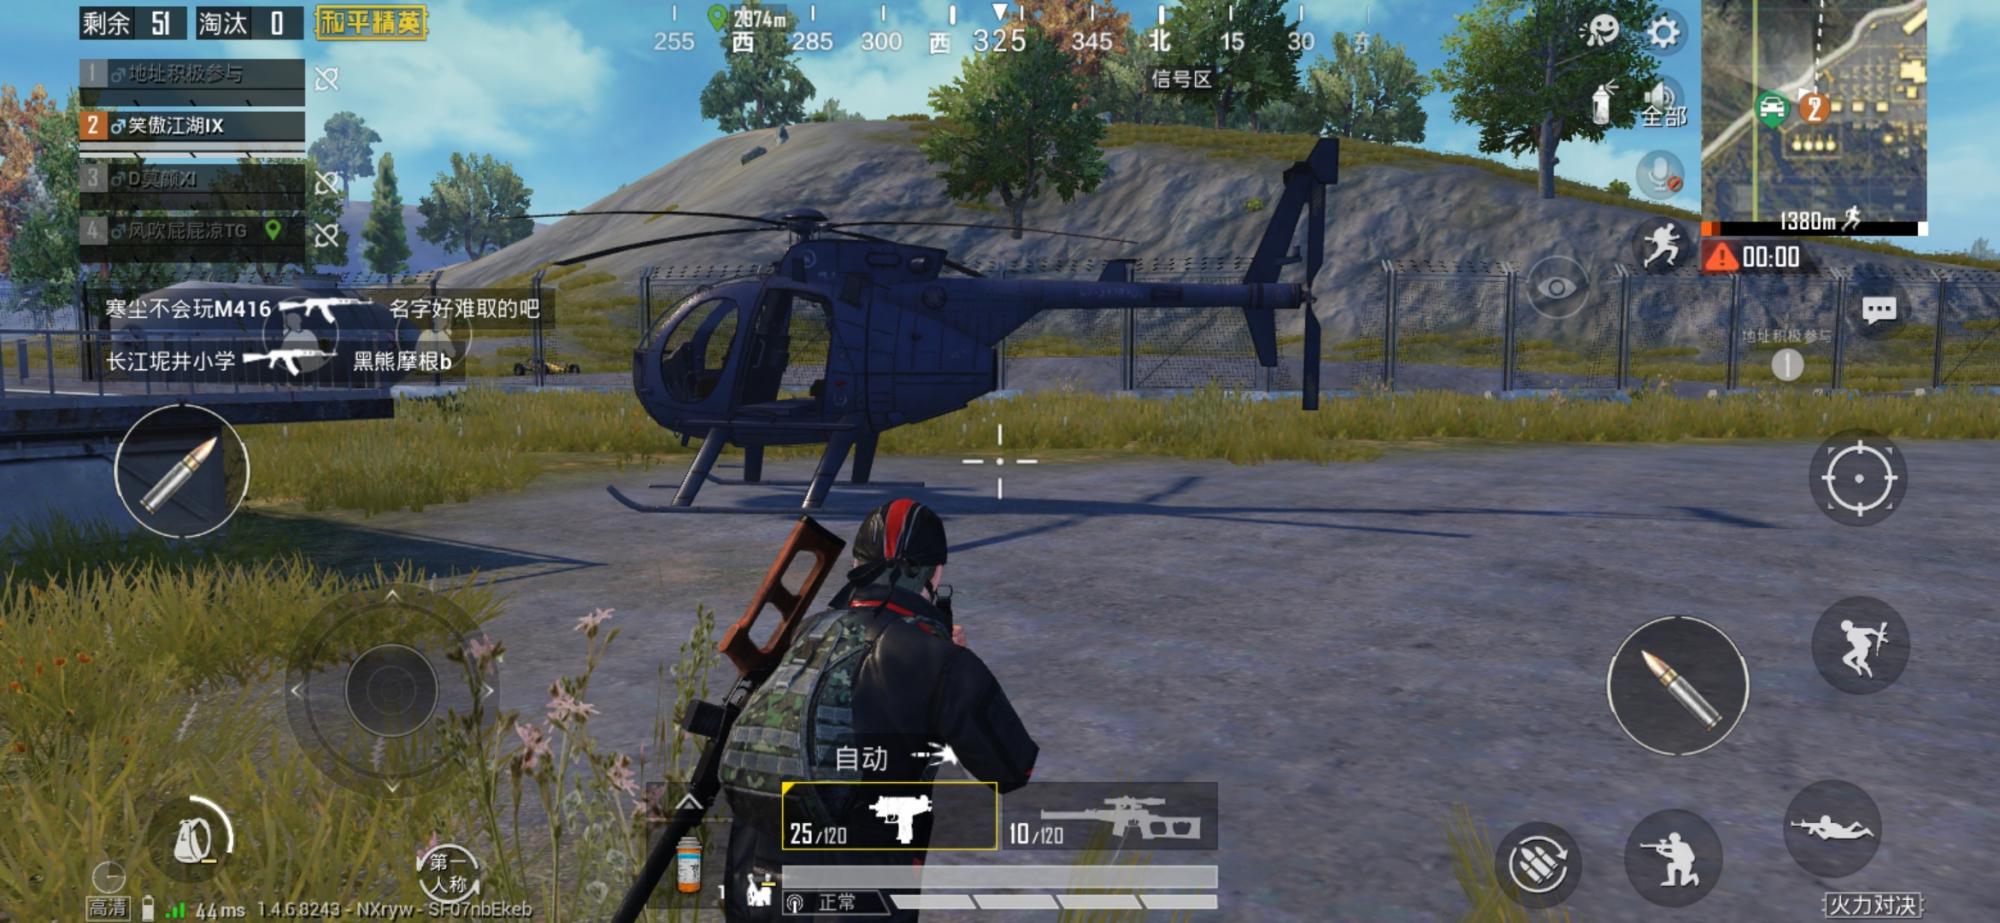 Screenshot_20191117_124458_com.tencent.tmgp.pubgm.jpg